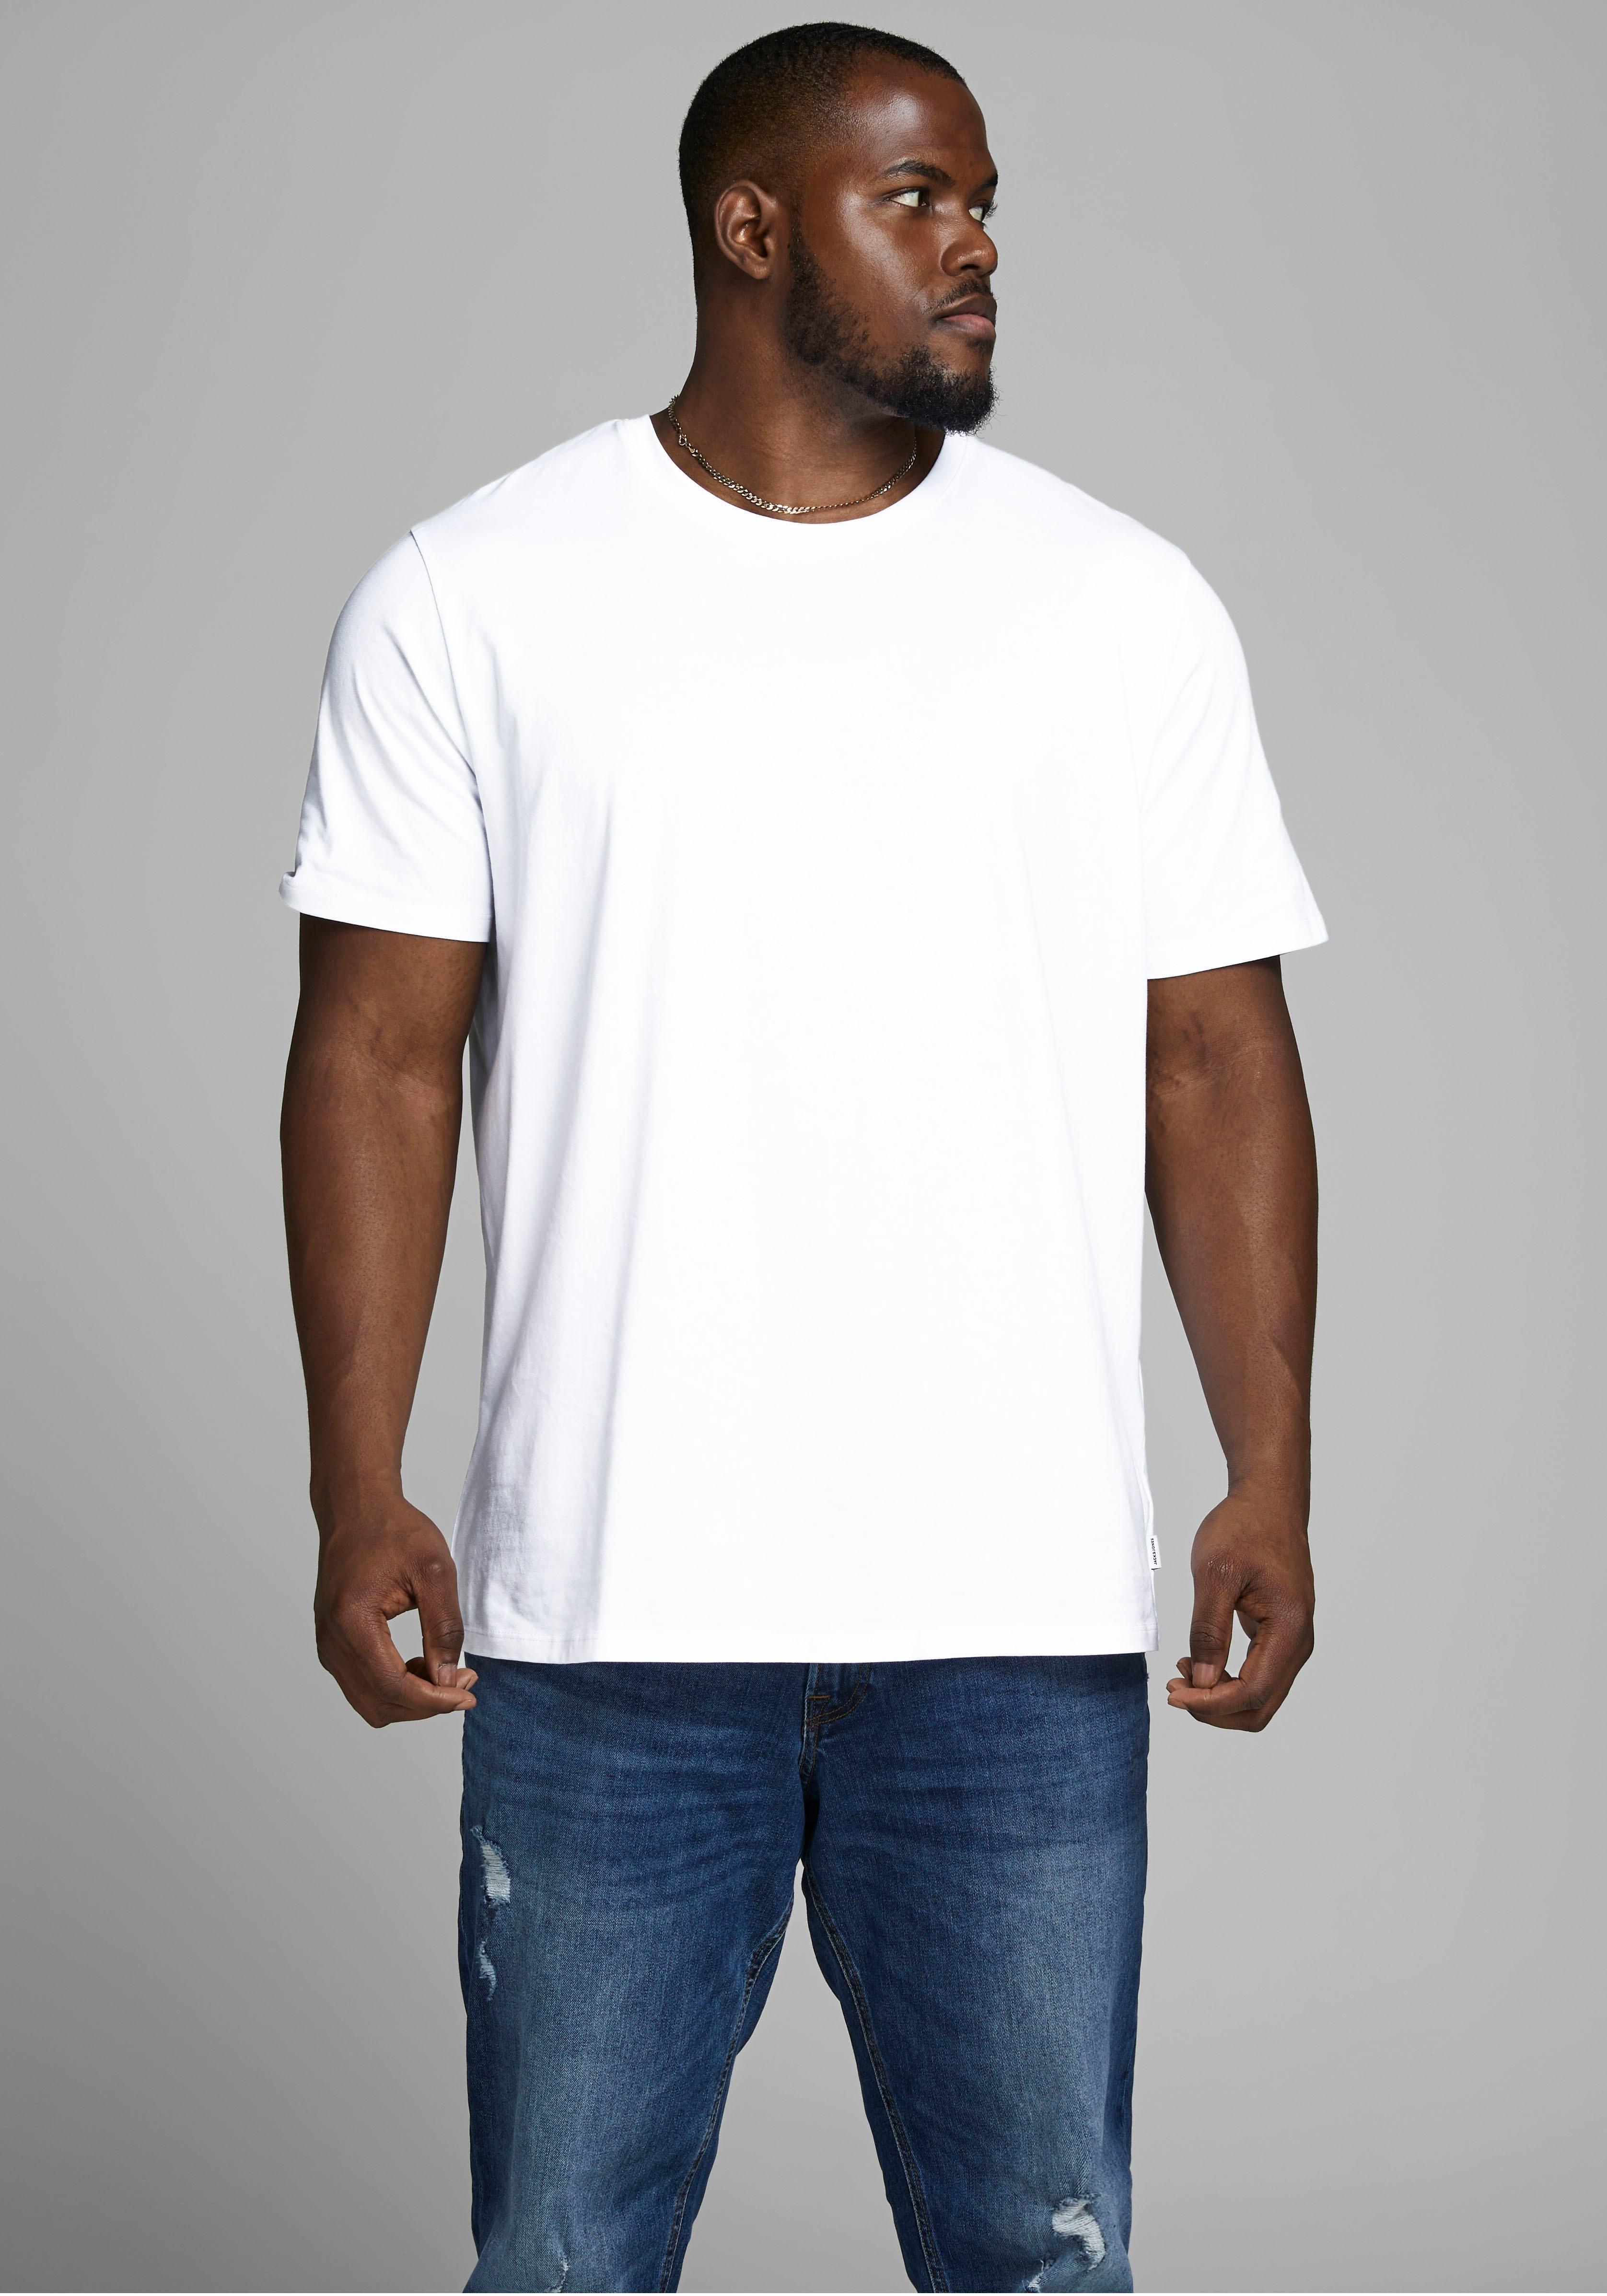 Jack & Jones T-shirt bestellen: 30 dagen bedenktijd